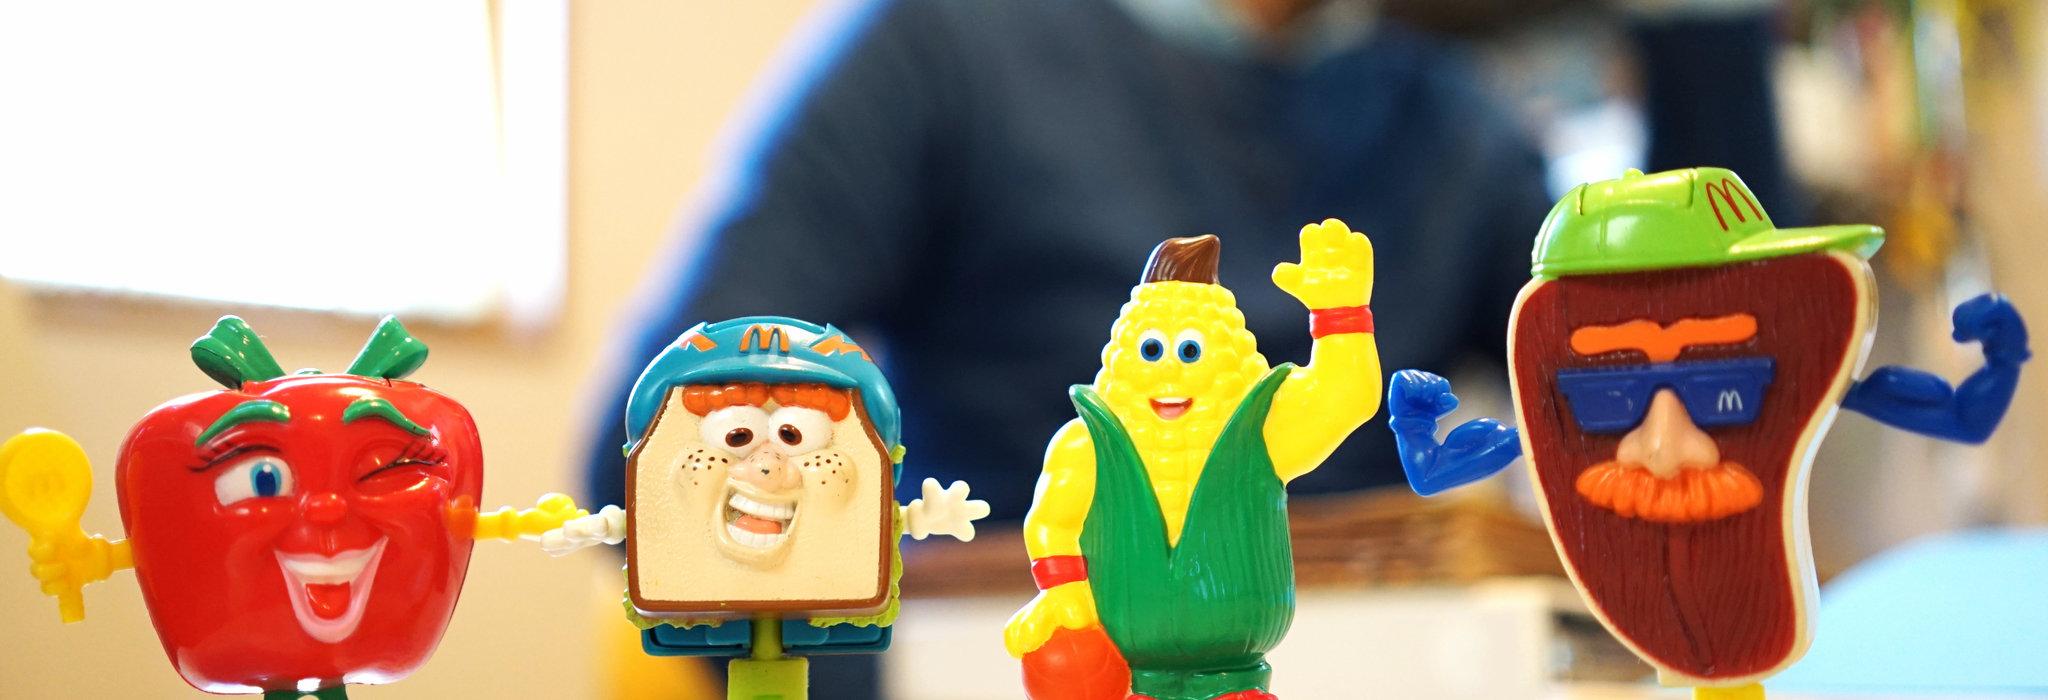 ハッピーセットのおもちゃ。大人心をも魅了するキッチュでポップなミールトイの世界とは。_image